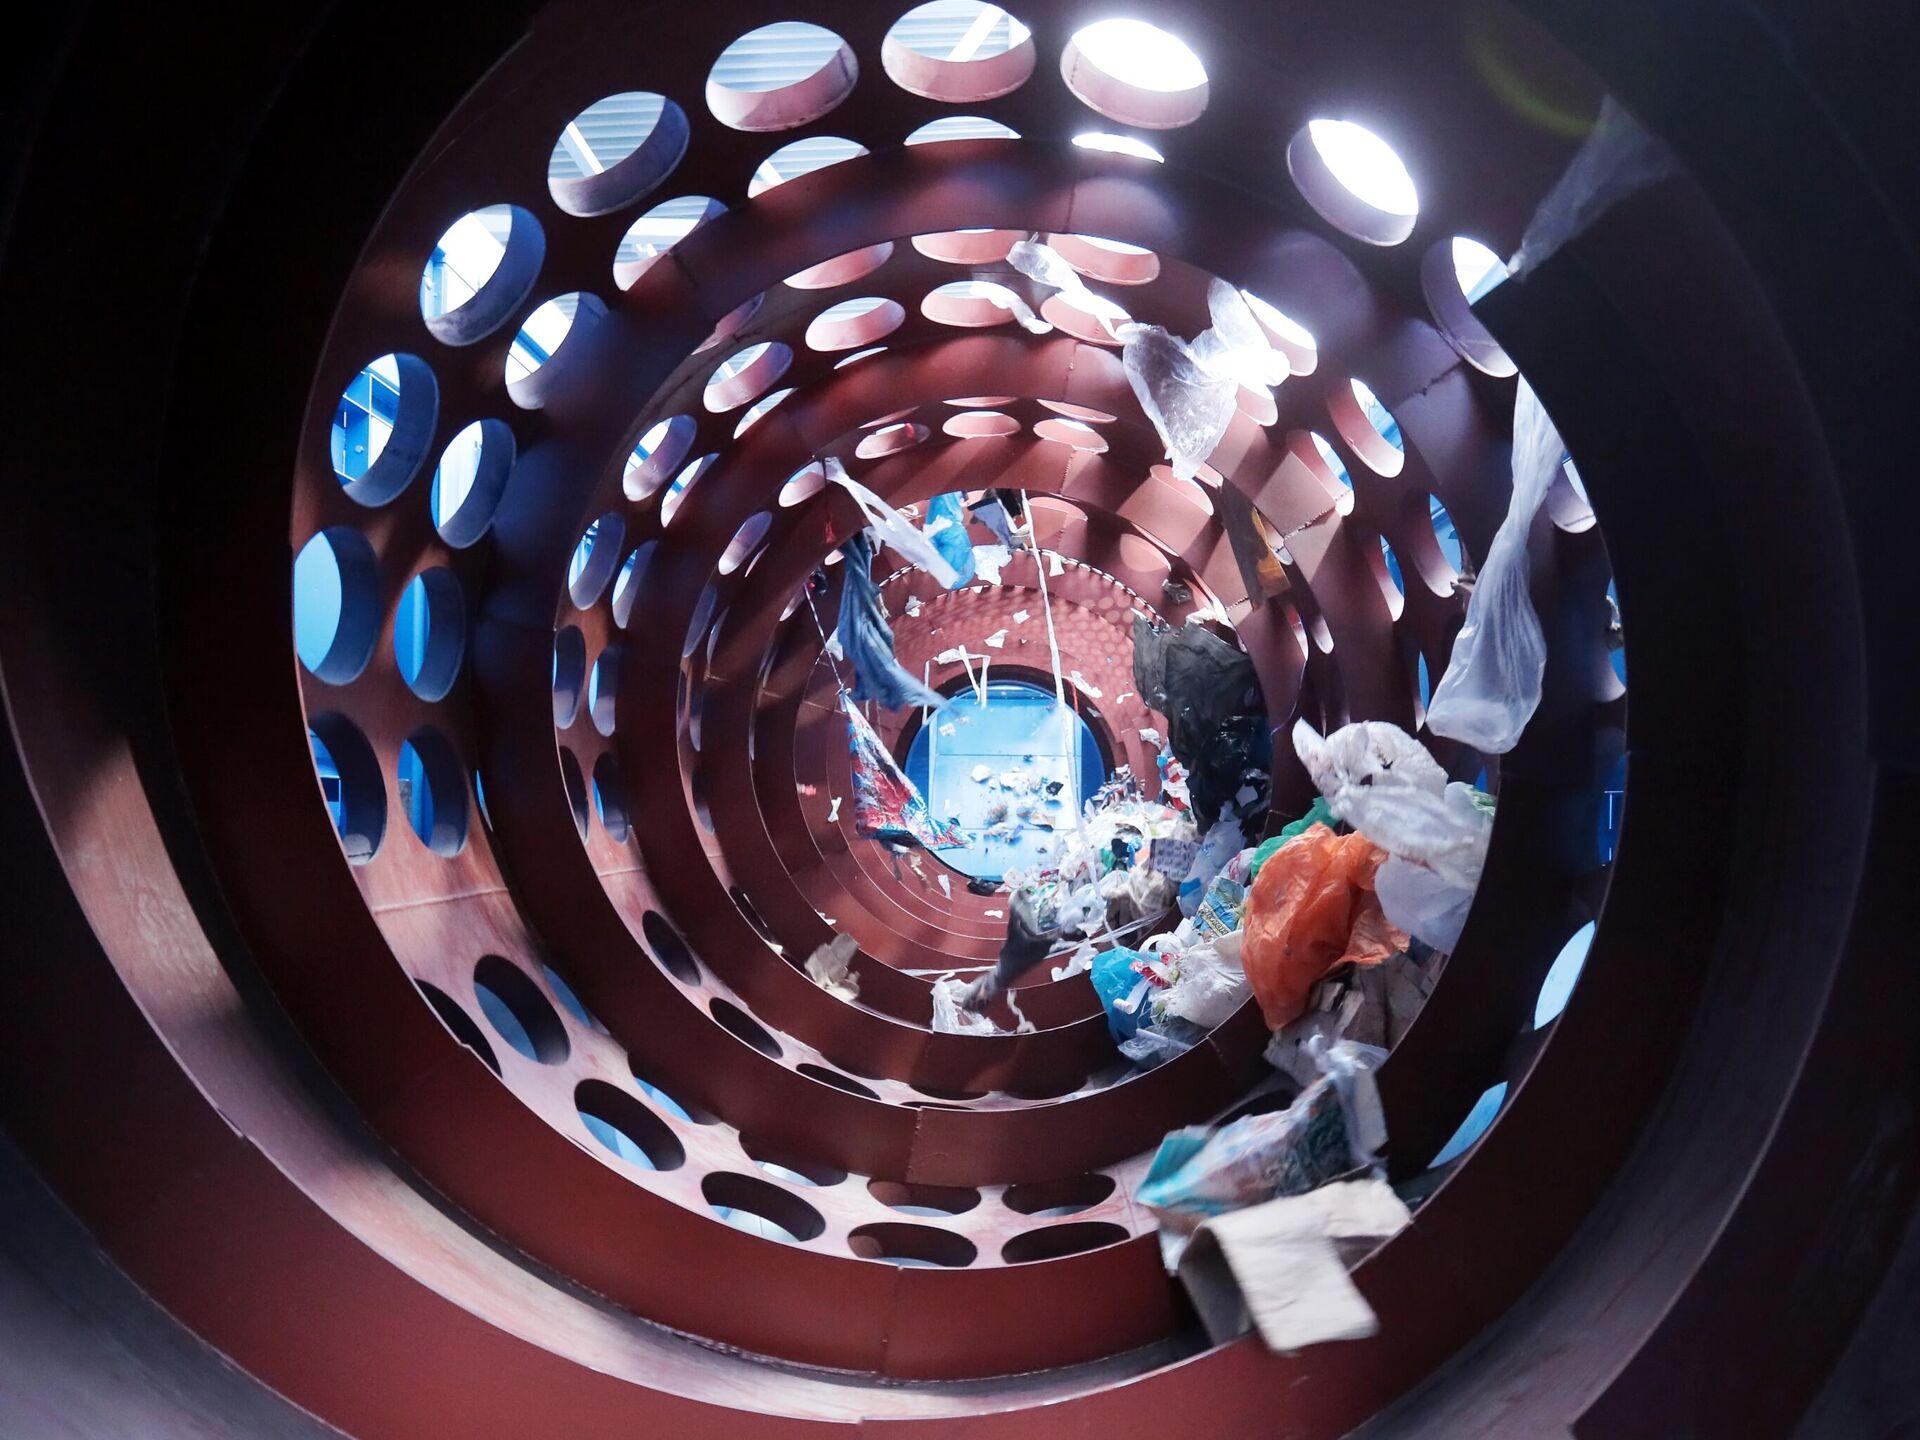 Сортировка мусора в комплексе по переработке отходов Восток в городском округе Егорьевск в Московской области - РИА Новости, 1920, 09.10.2020